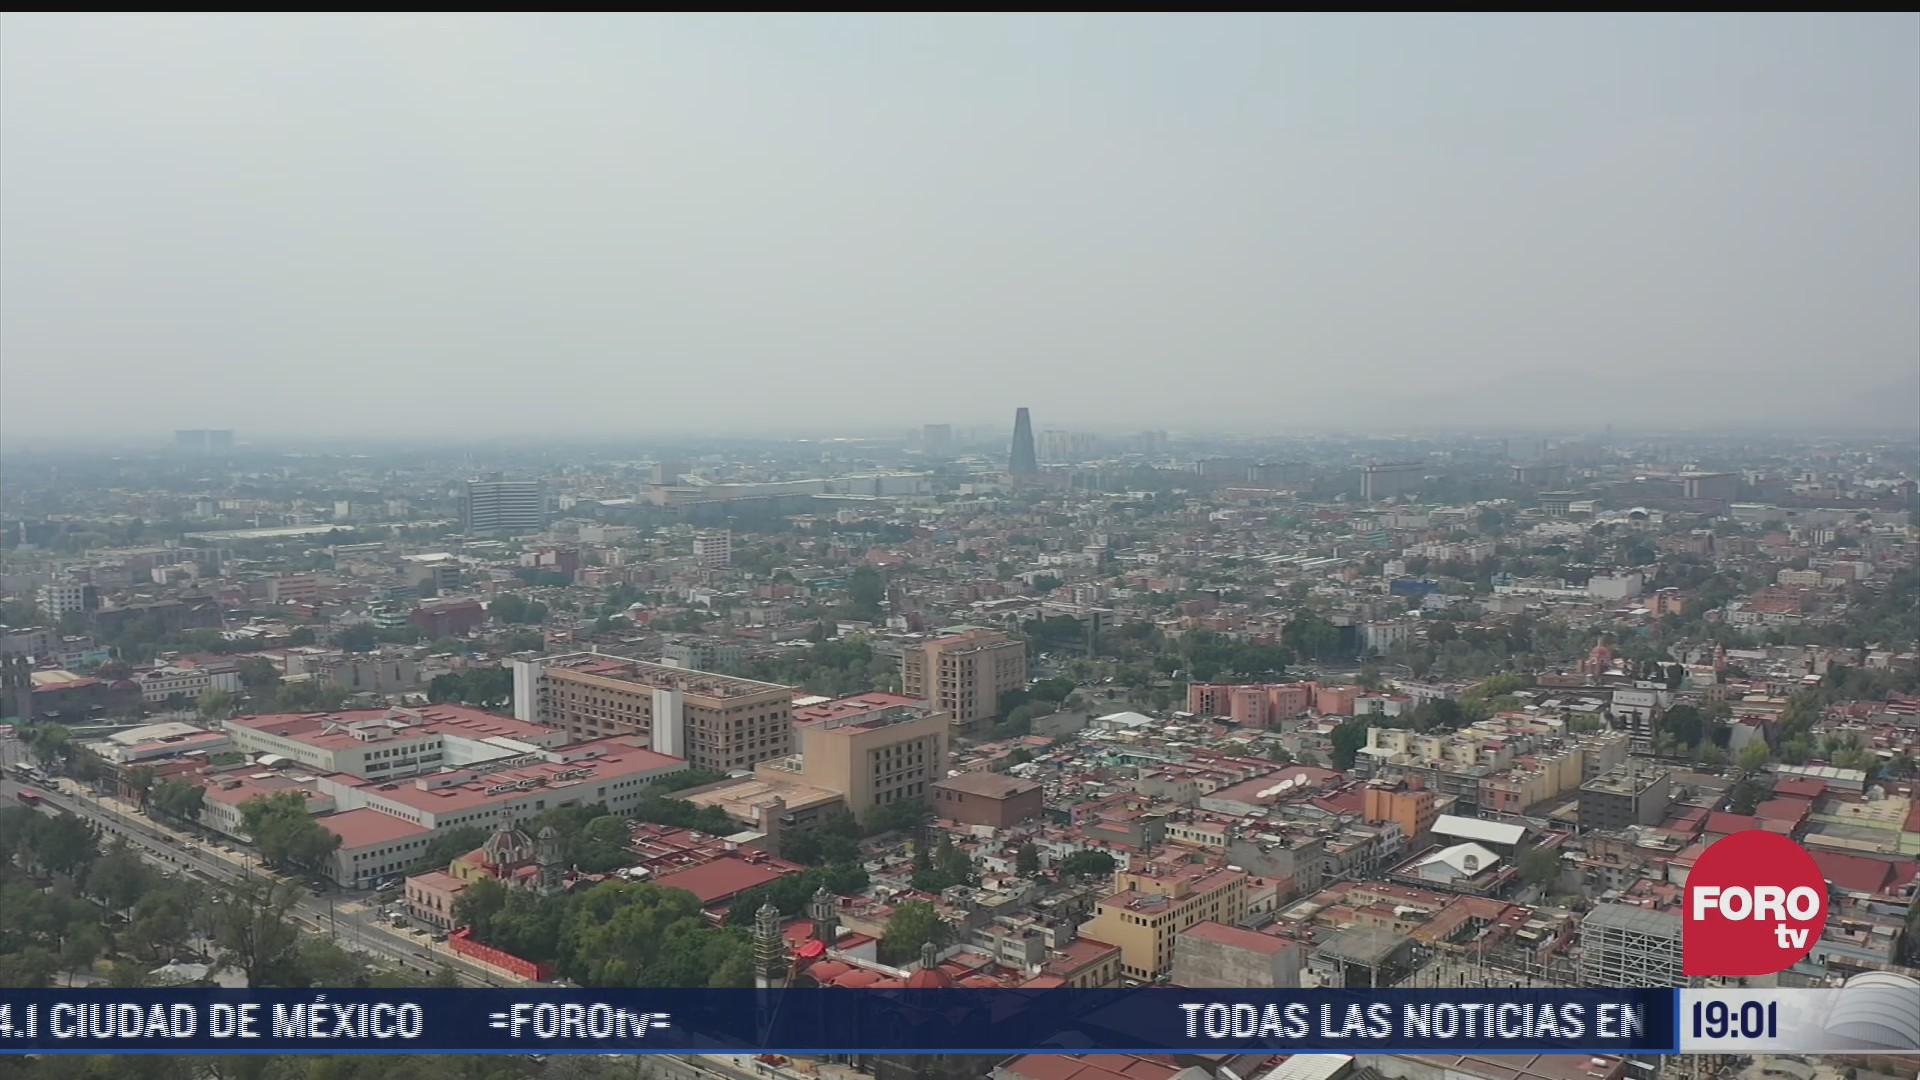 suspenden medidas por contingencia ambiental en zona metropolitana del valle de mexico